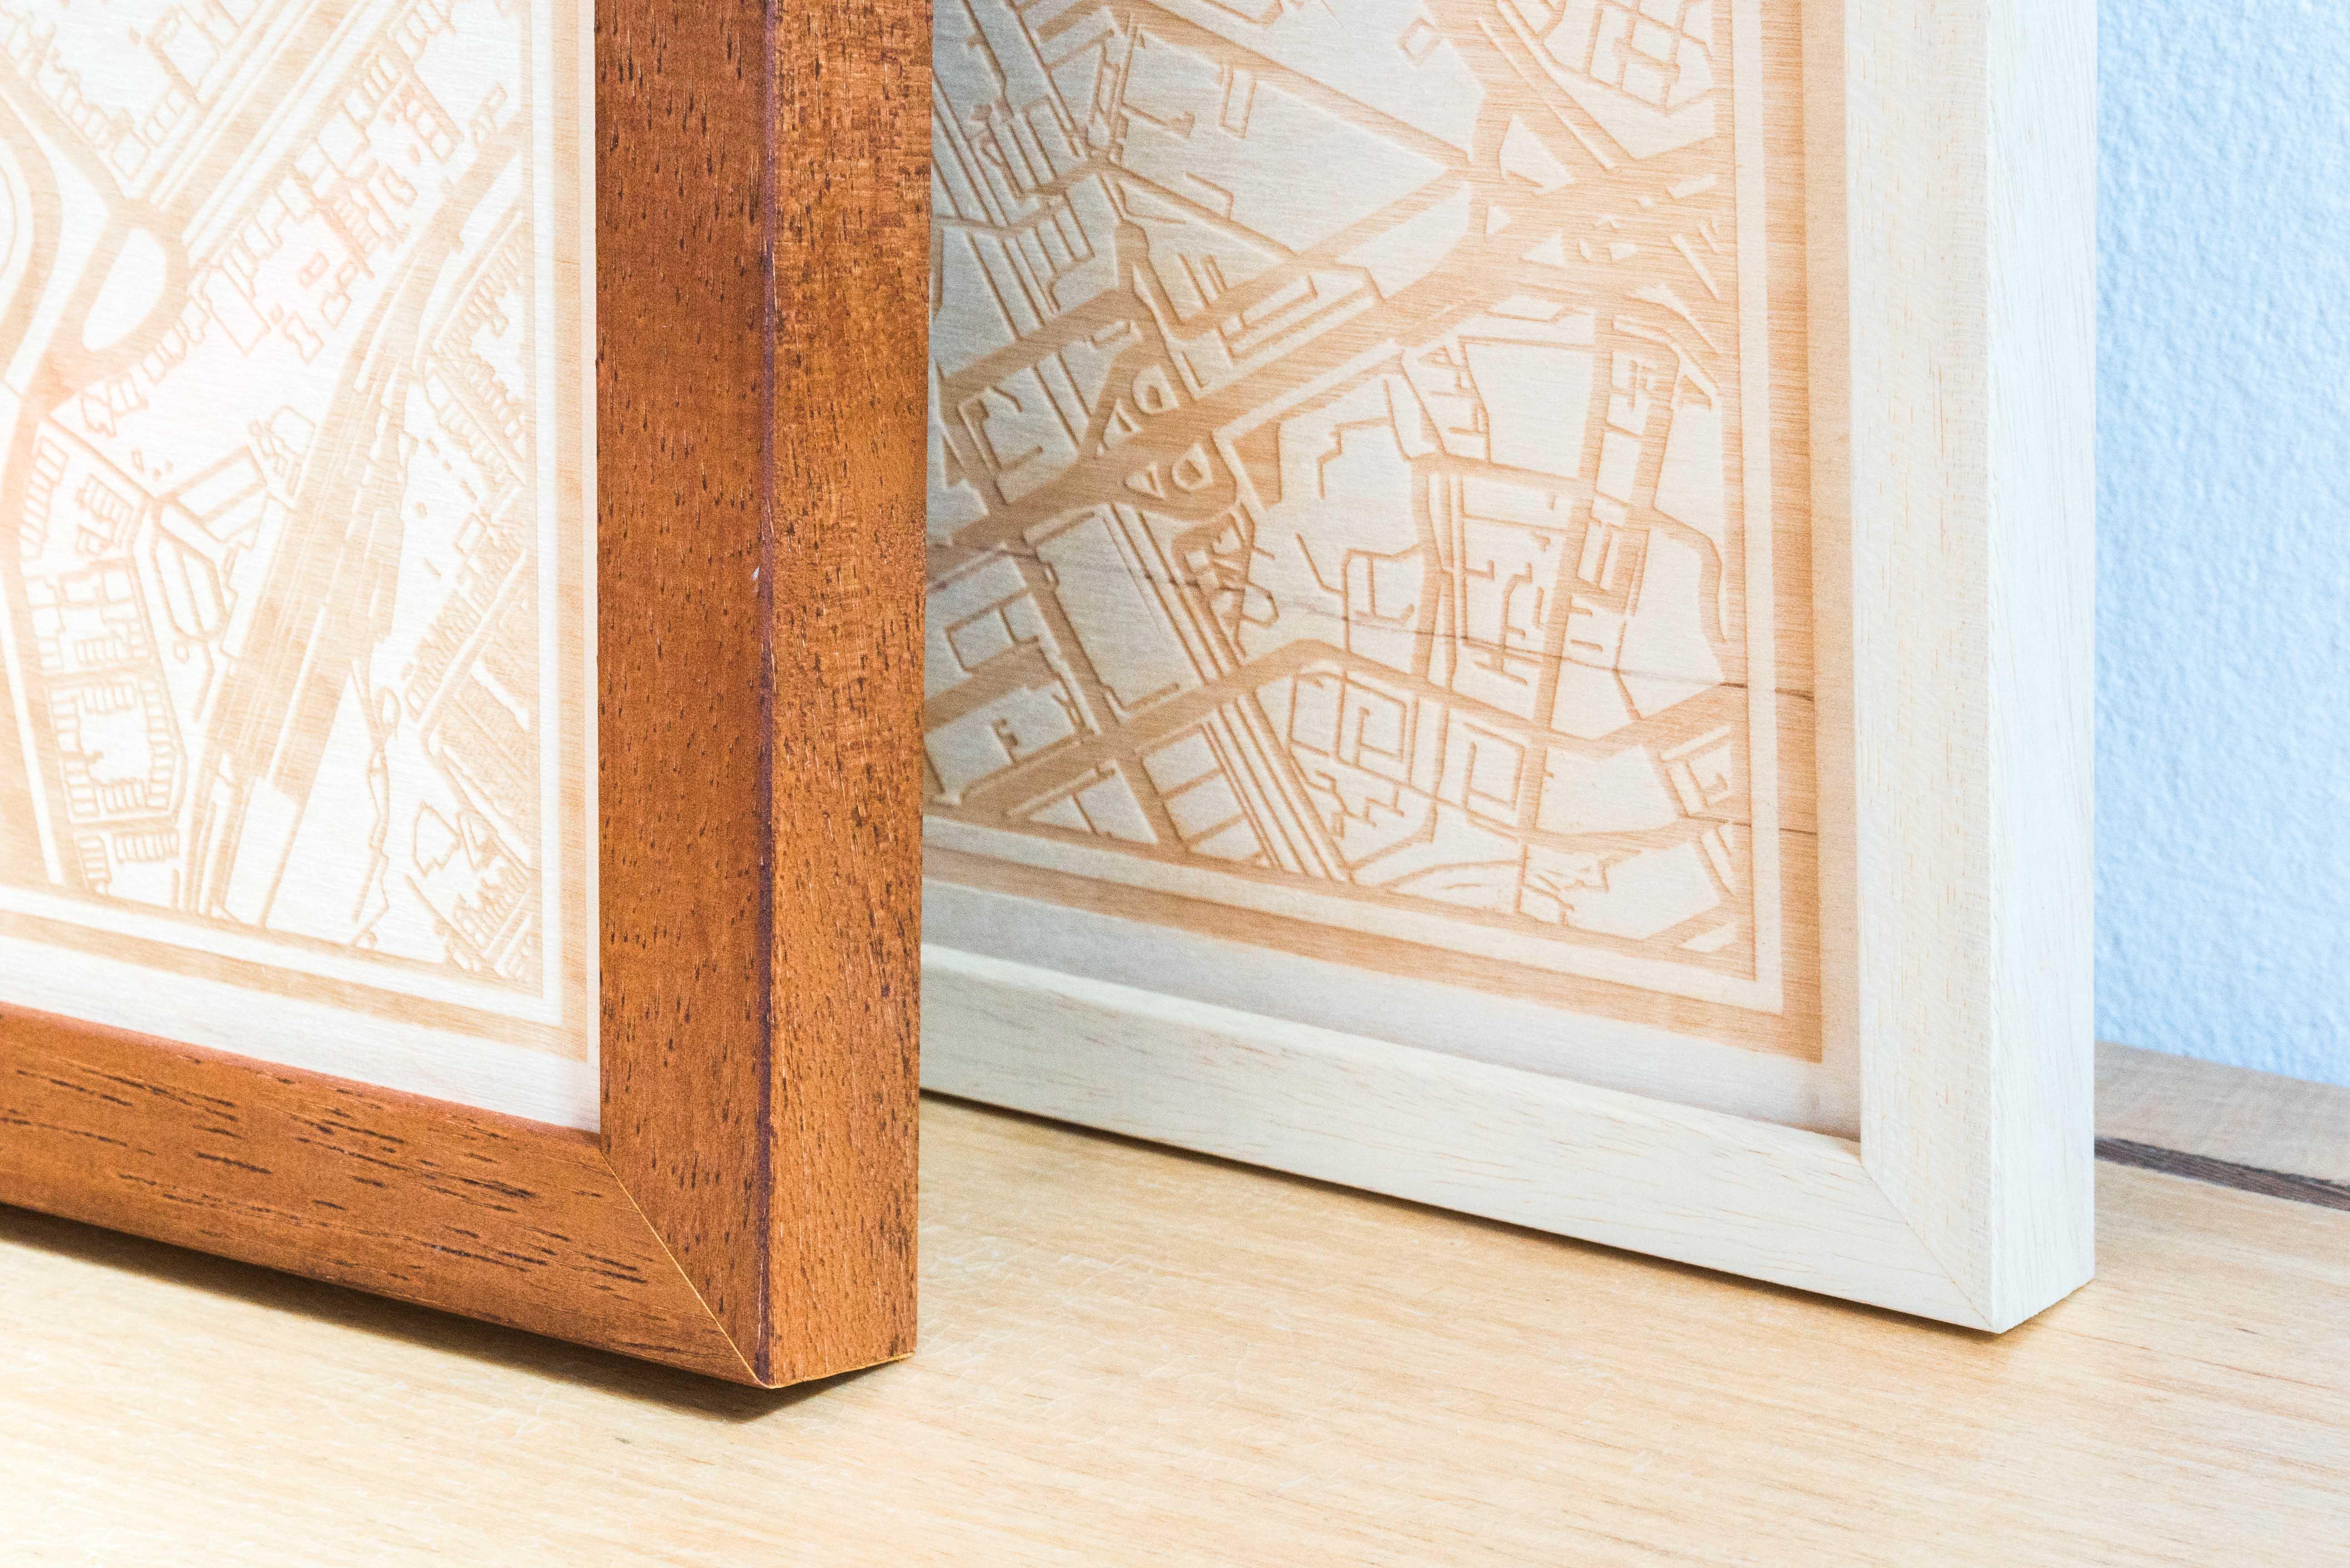 Twee mogelijke houten wissellijst kleuren voor om de plattegrond $place.